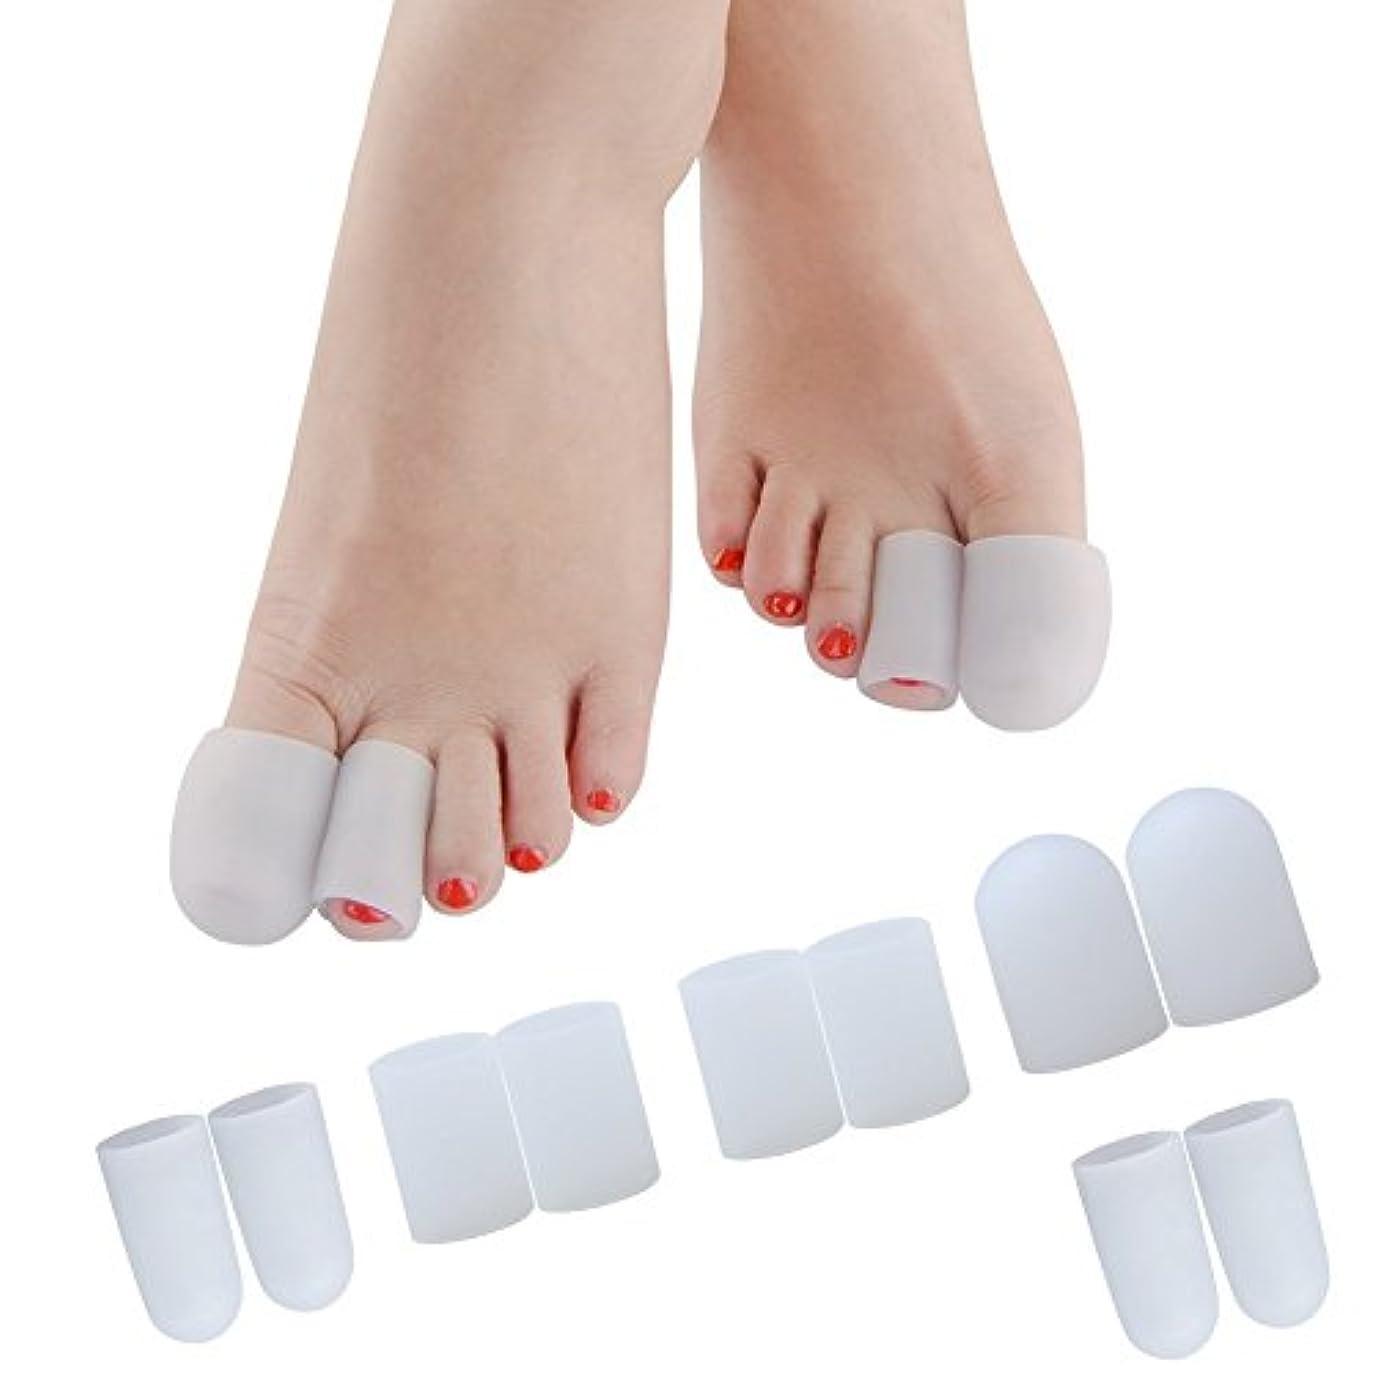 騒々しい一節フレキシブルPovihome 足指 足爪 保護キャップ 親指, 足先のつめ保護キャップ, つま先キャップ 白い 5ペア,足指保護キャップ